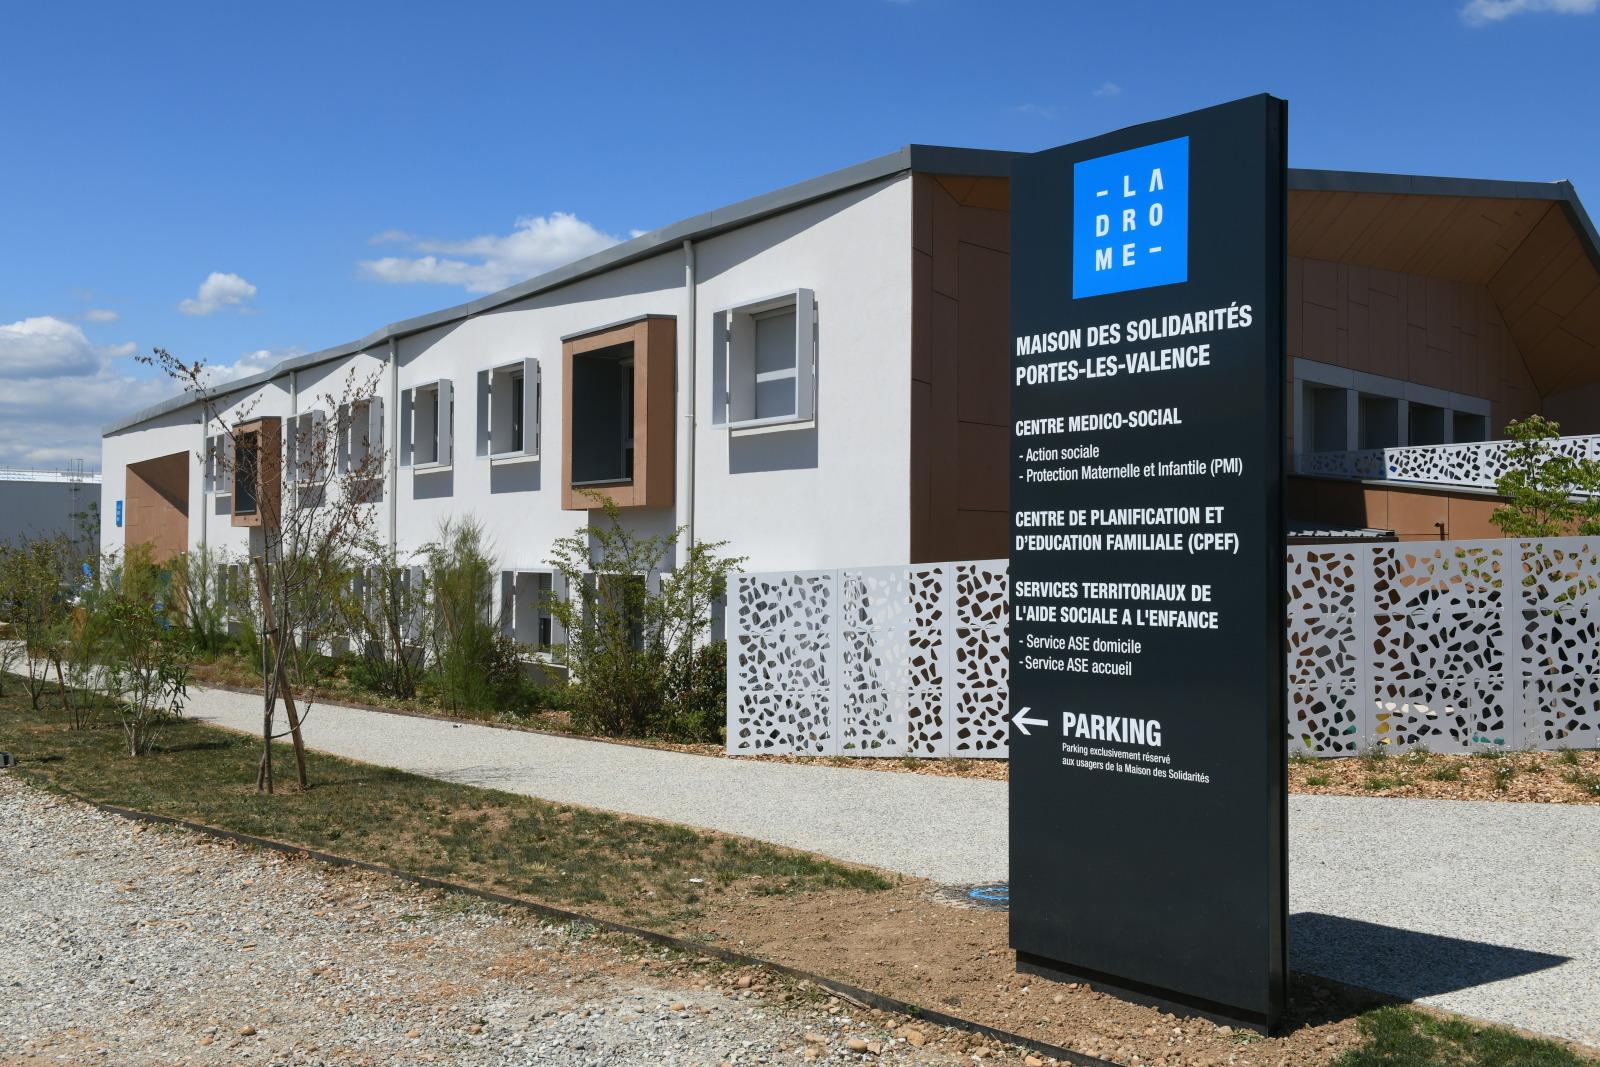 Maison des solidarités Portes-Lès-Valence .jpg